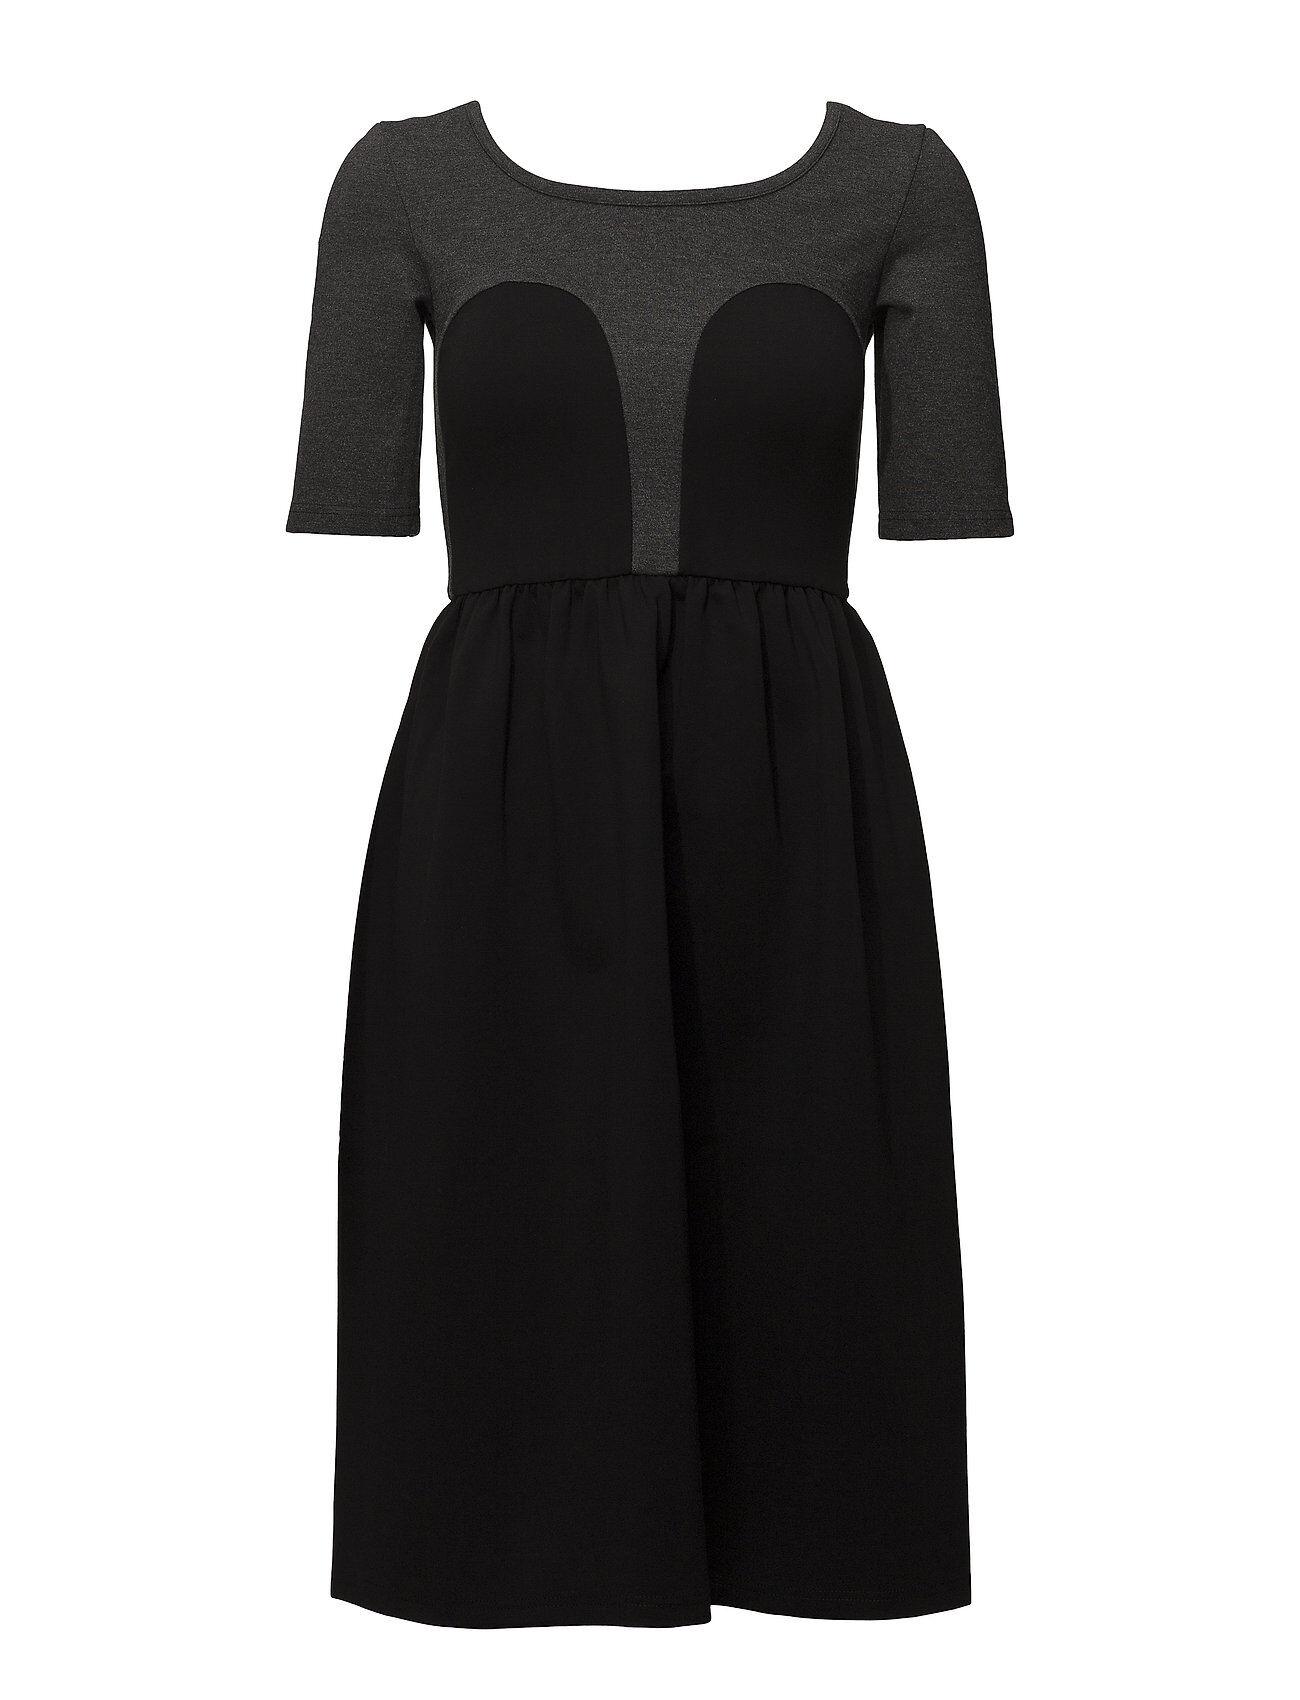 R/H Studio Mickey Tee Dress Polvipituinen Mekko Musta